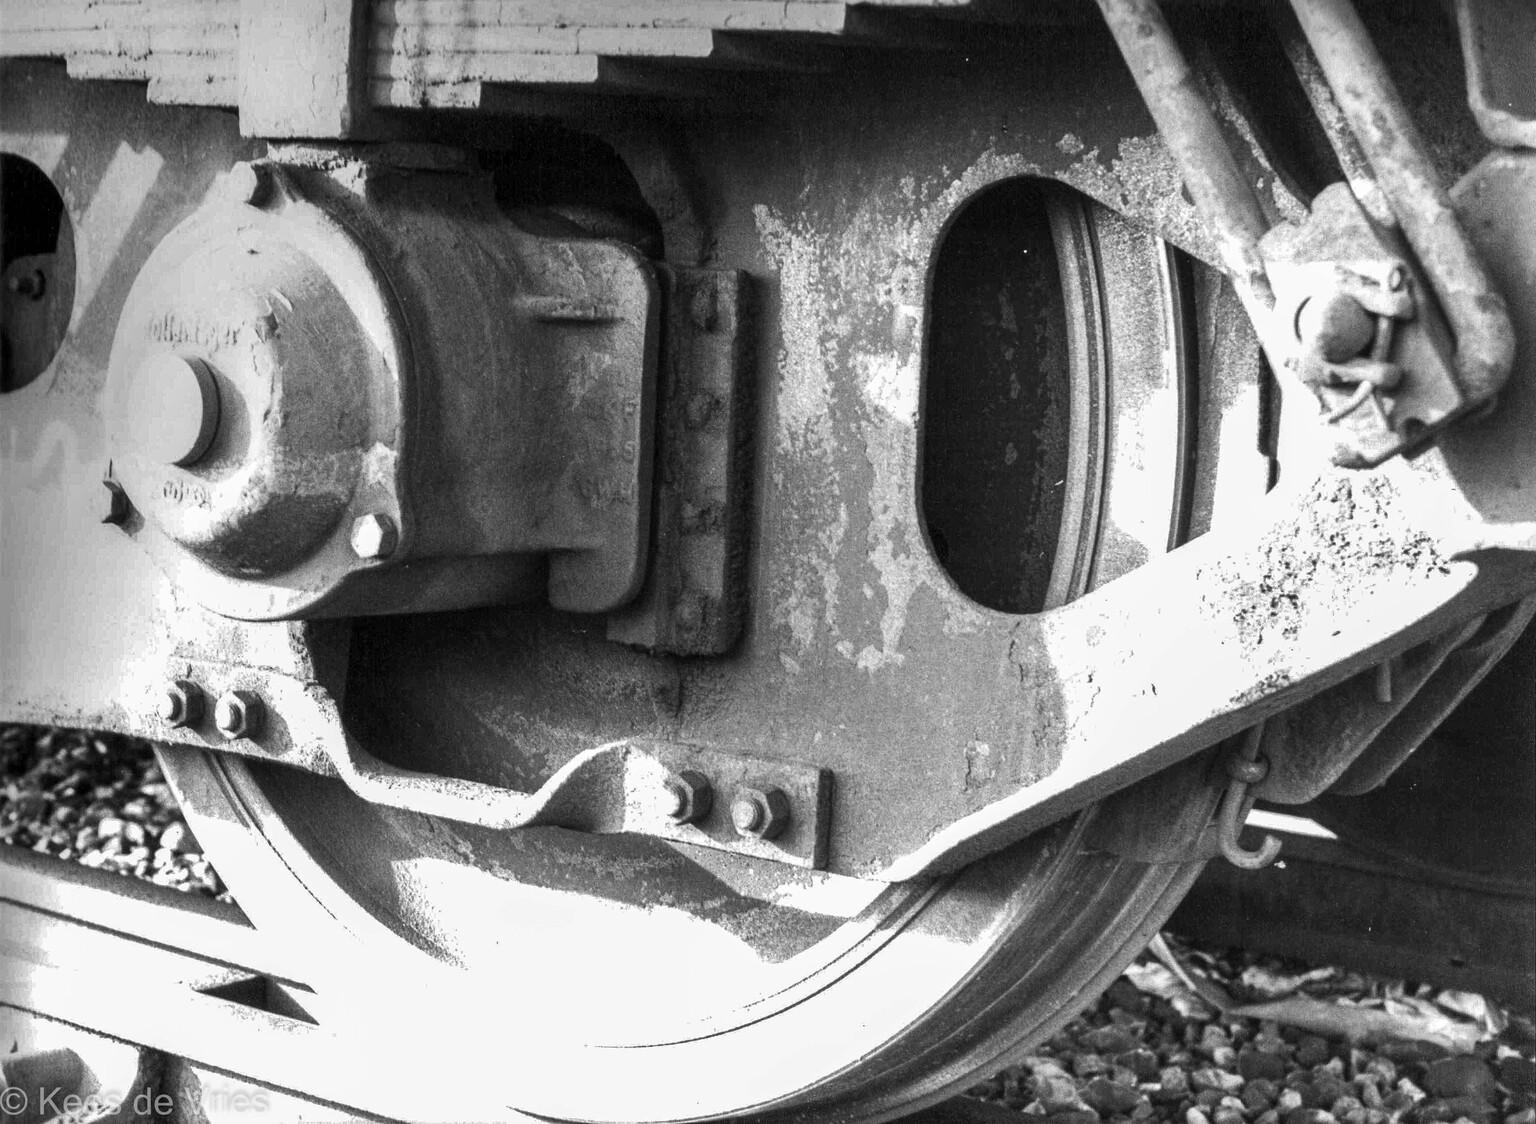 Rollend materieel - Wiel van een oude treinwagon - foto door KdV59 op 05-05-2021 - locatie: Amsterdam, Nederland - deze foto bevat: fotograaf, automotive verlichting, autoband, motorvoertuig, zwart, automotive ontwerp, bumper, automotive buitenkant, zwart en wit, stijl